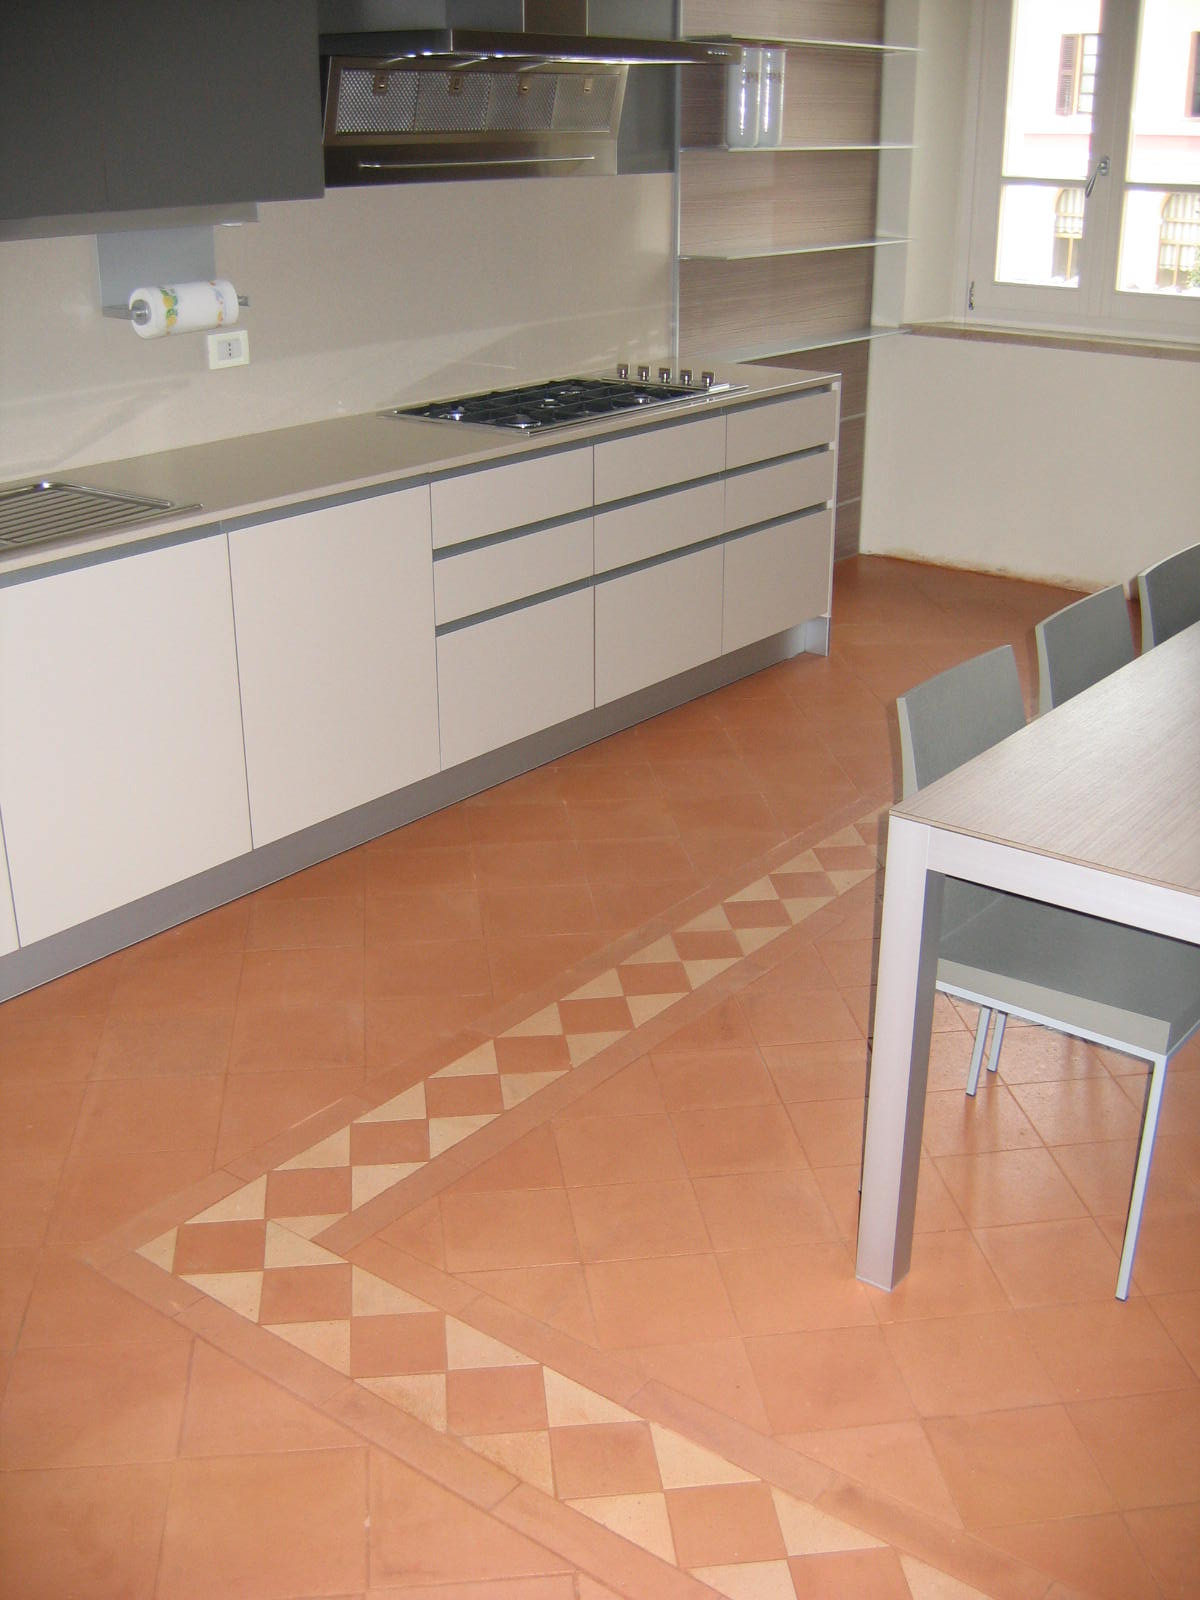 Pavimenti senza fughe piastrelle sottili grande formato - Prodotti per pulire le fughe dei pavimenti ...